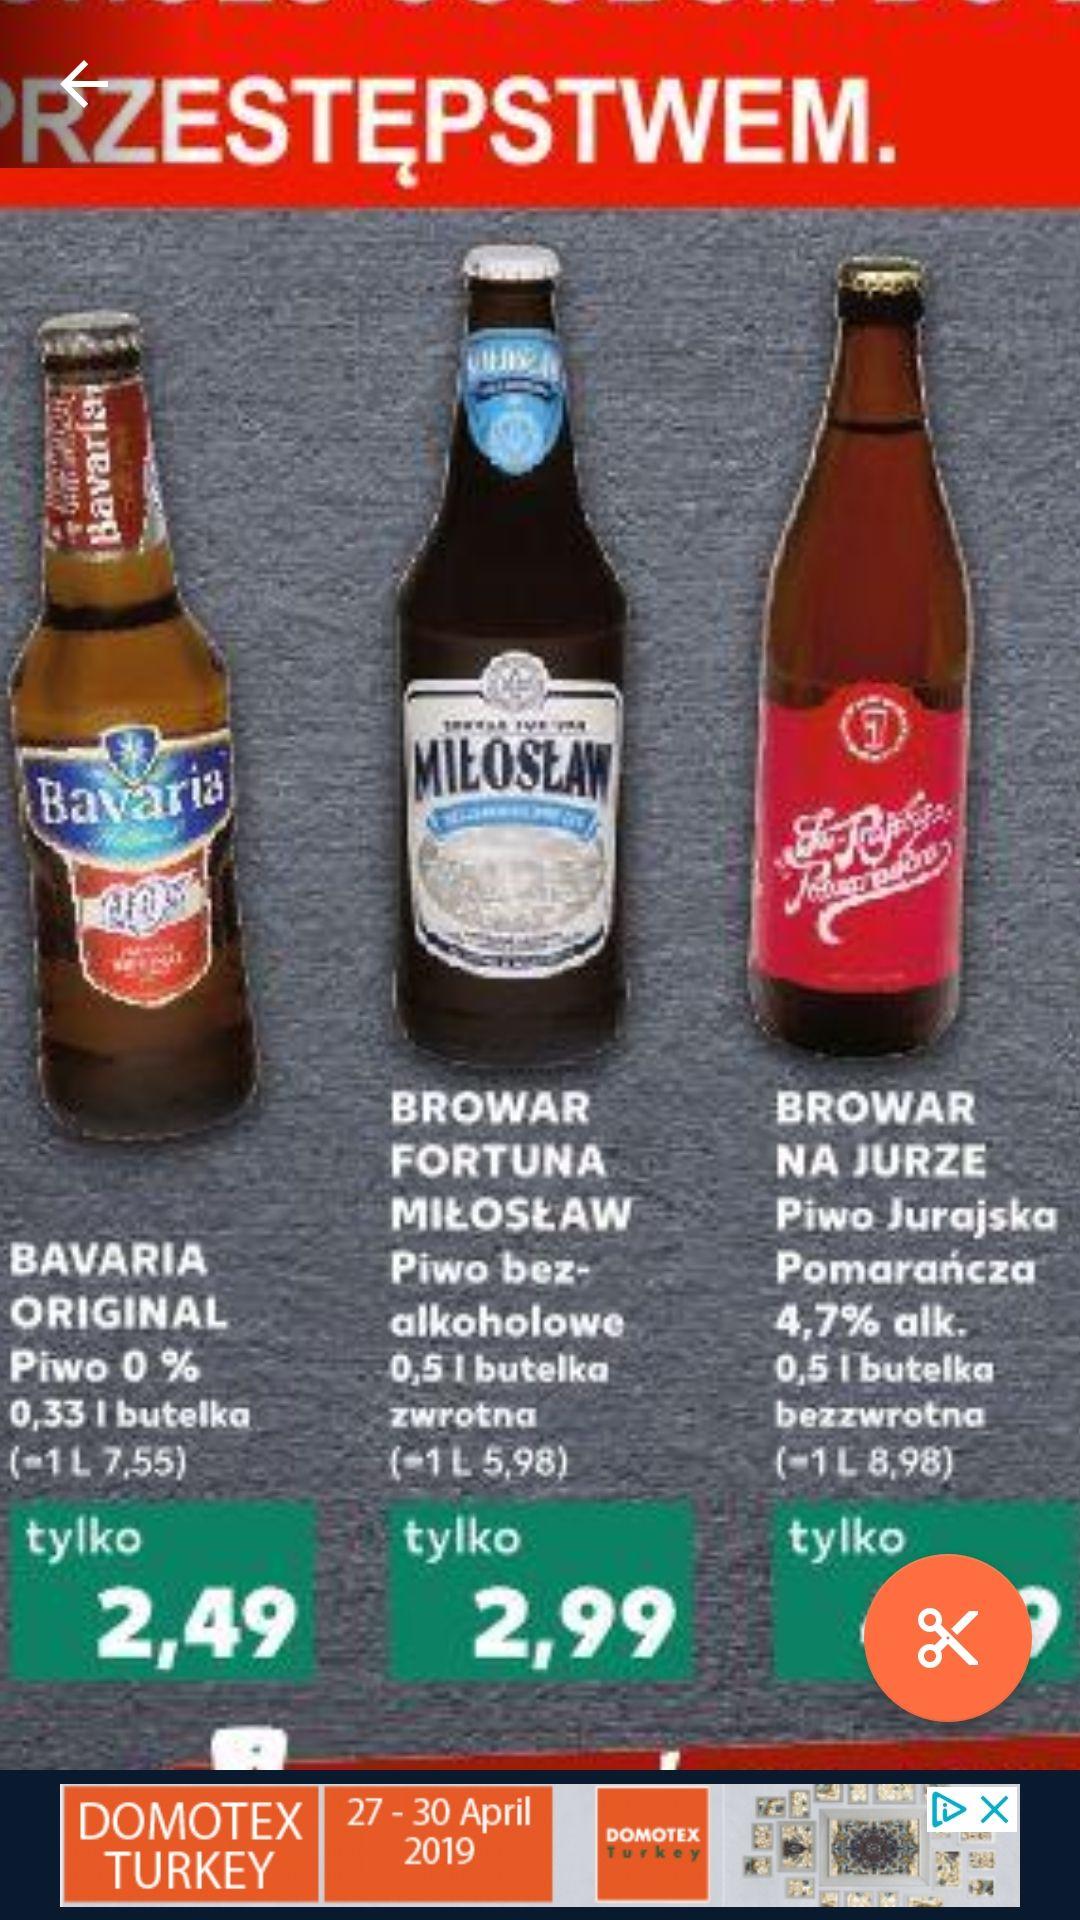 Piwo Miłosław bezalkoholowa IPA 2.99 zł / Żywiec APA 2.69 zł + inne piwa @Kaufland